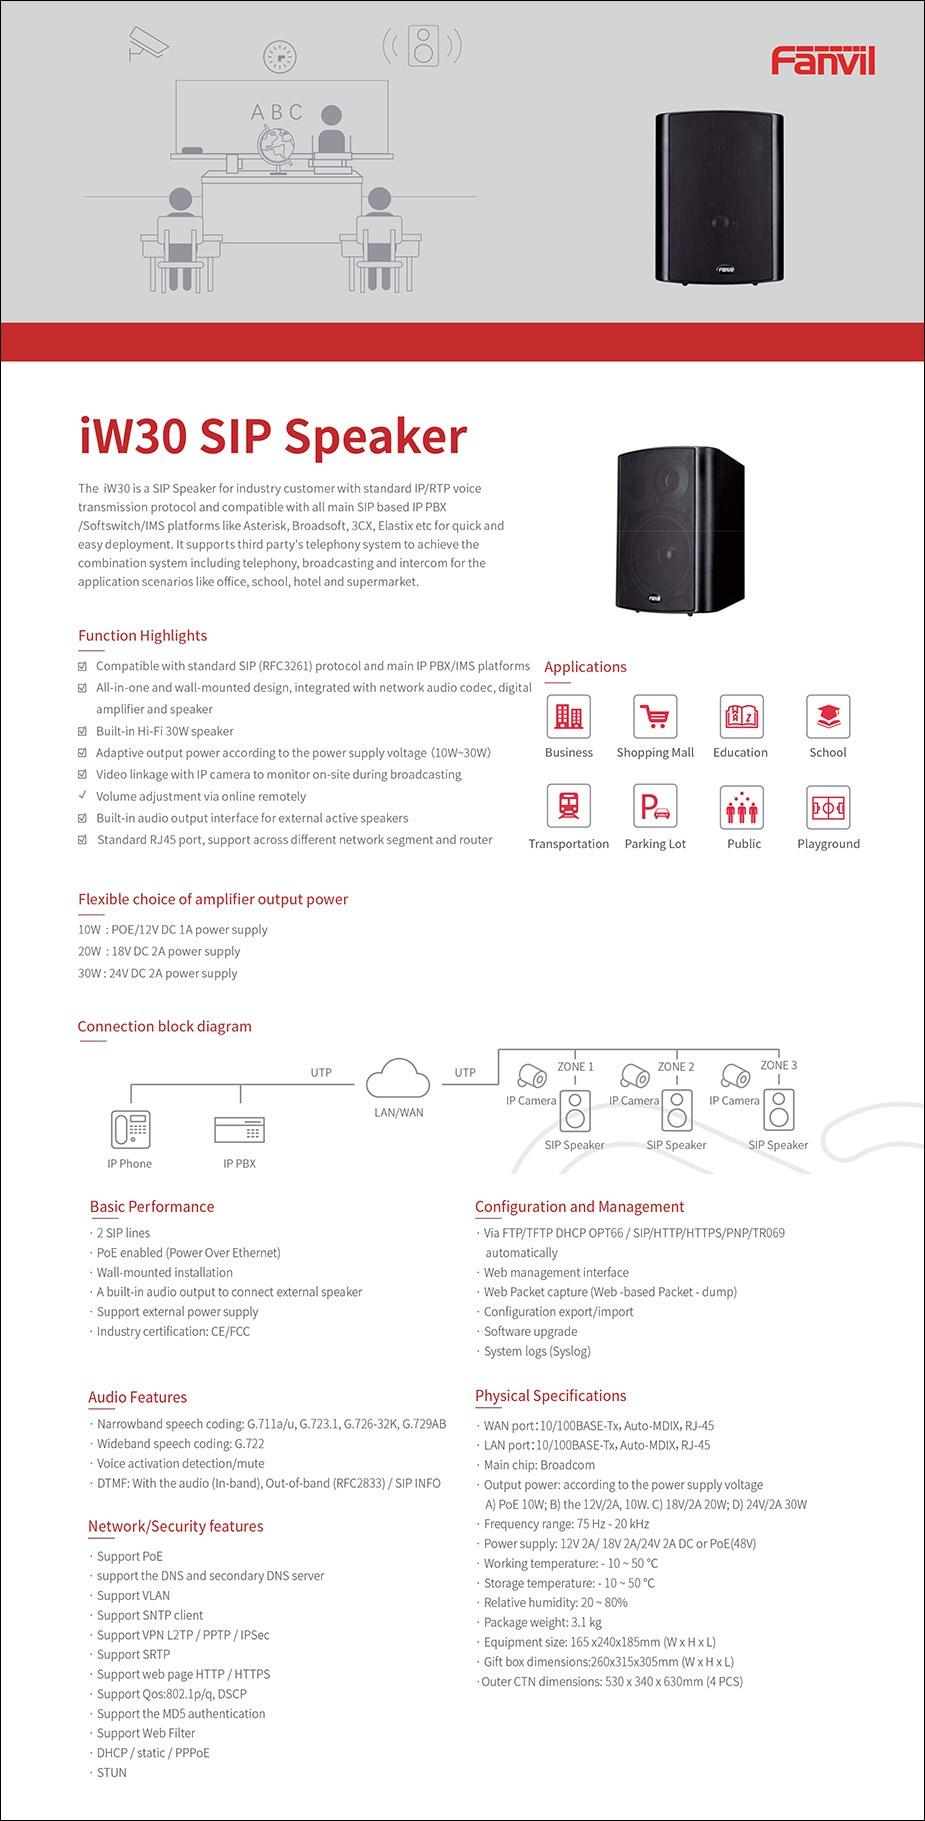 Fanvil IW30 2-Line 30W SIP Speaker - Desktop Overview 1